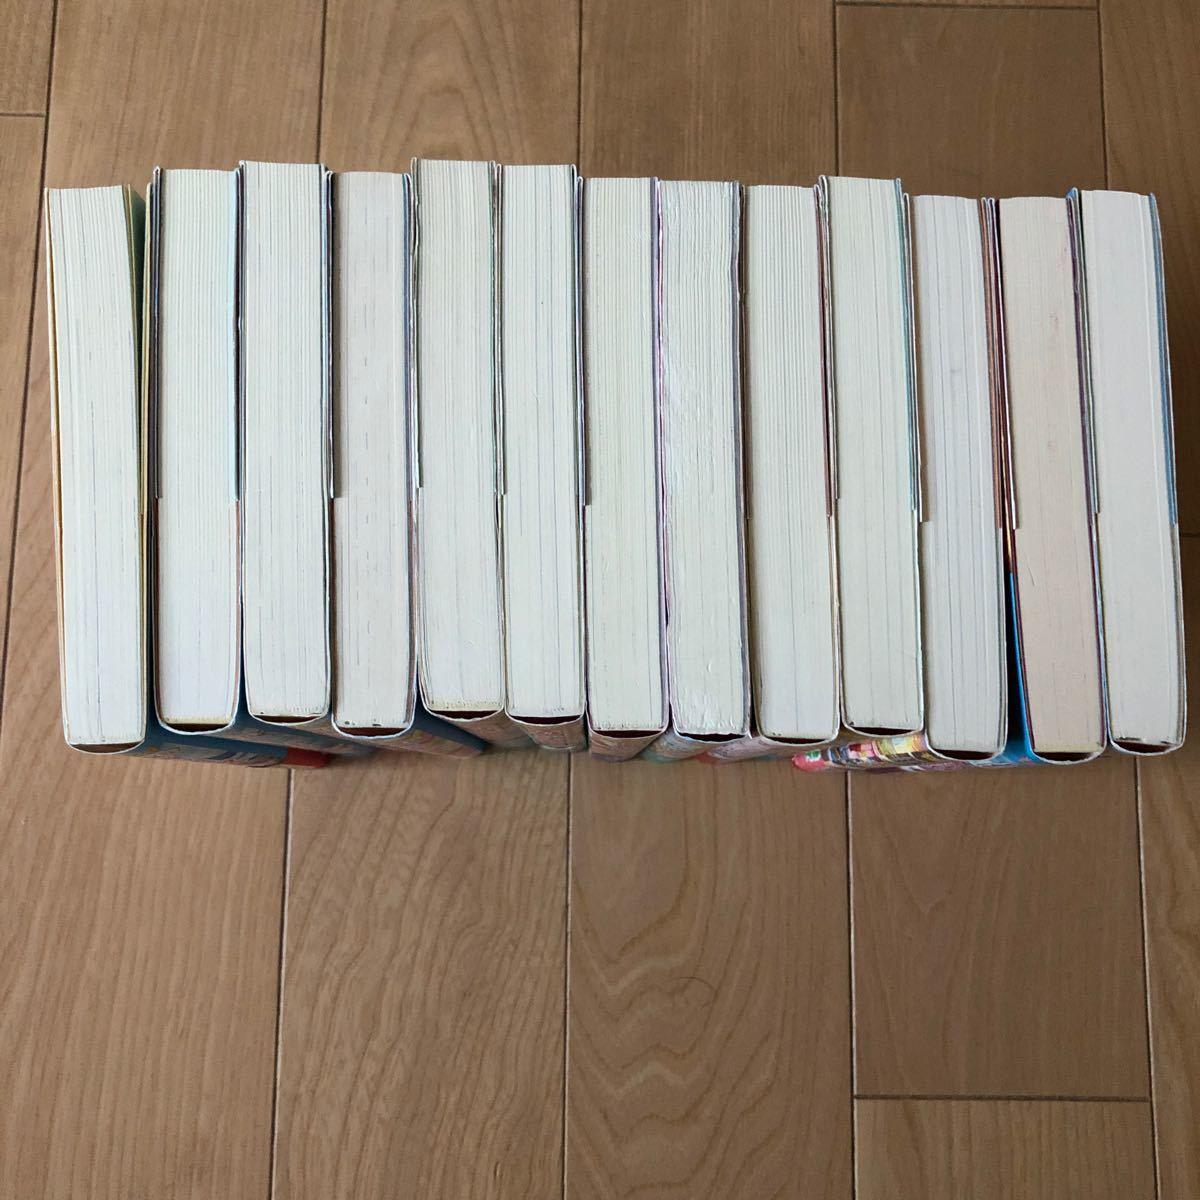 ライトノベル 26冊セット